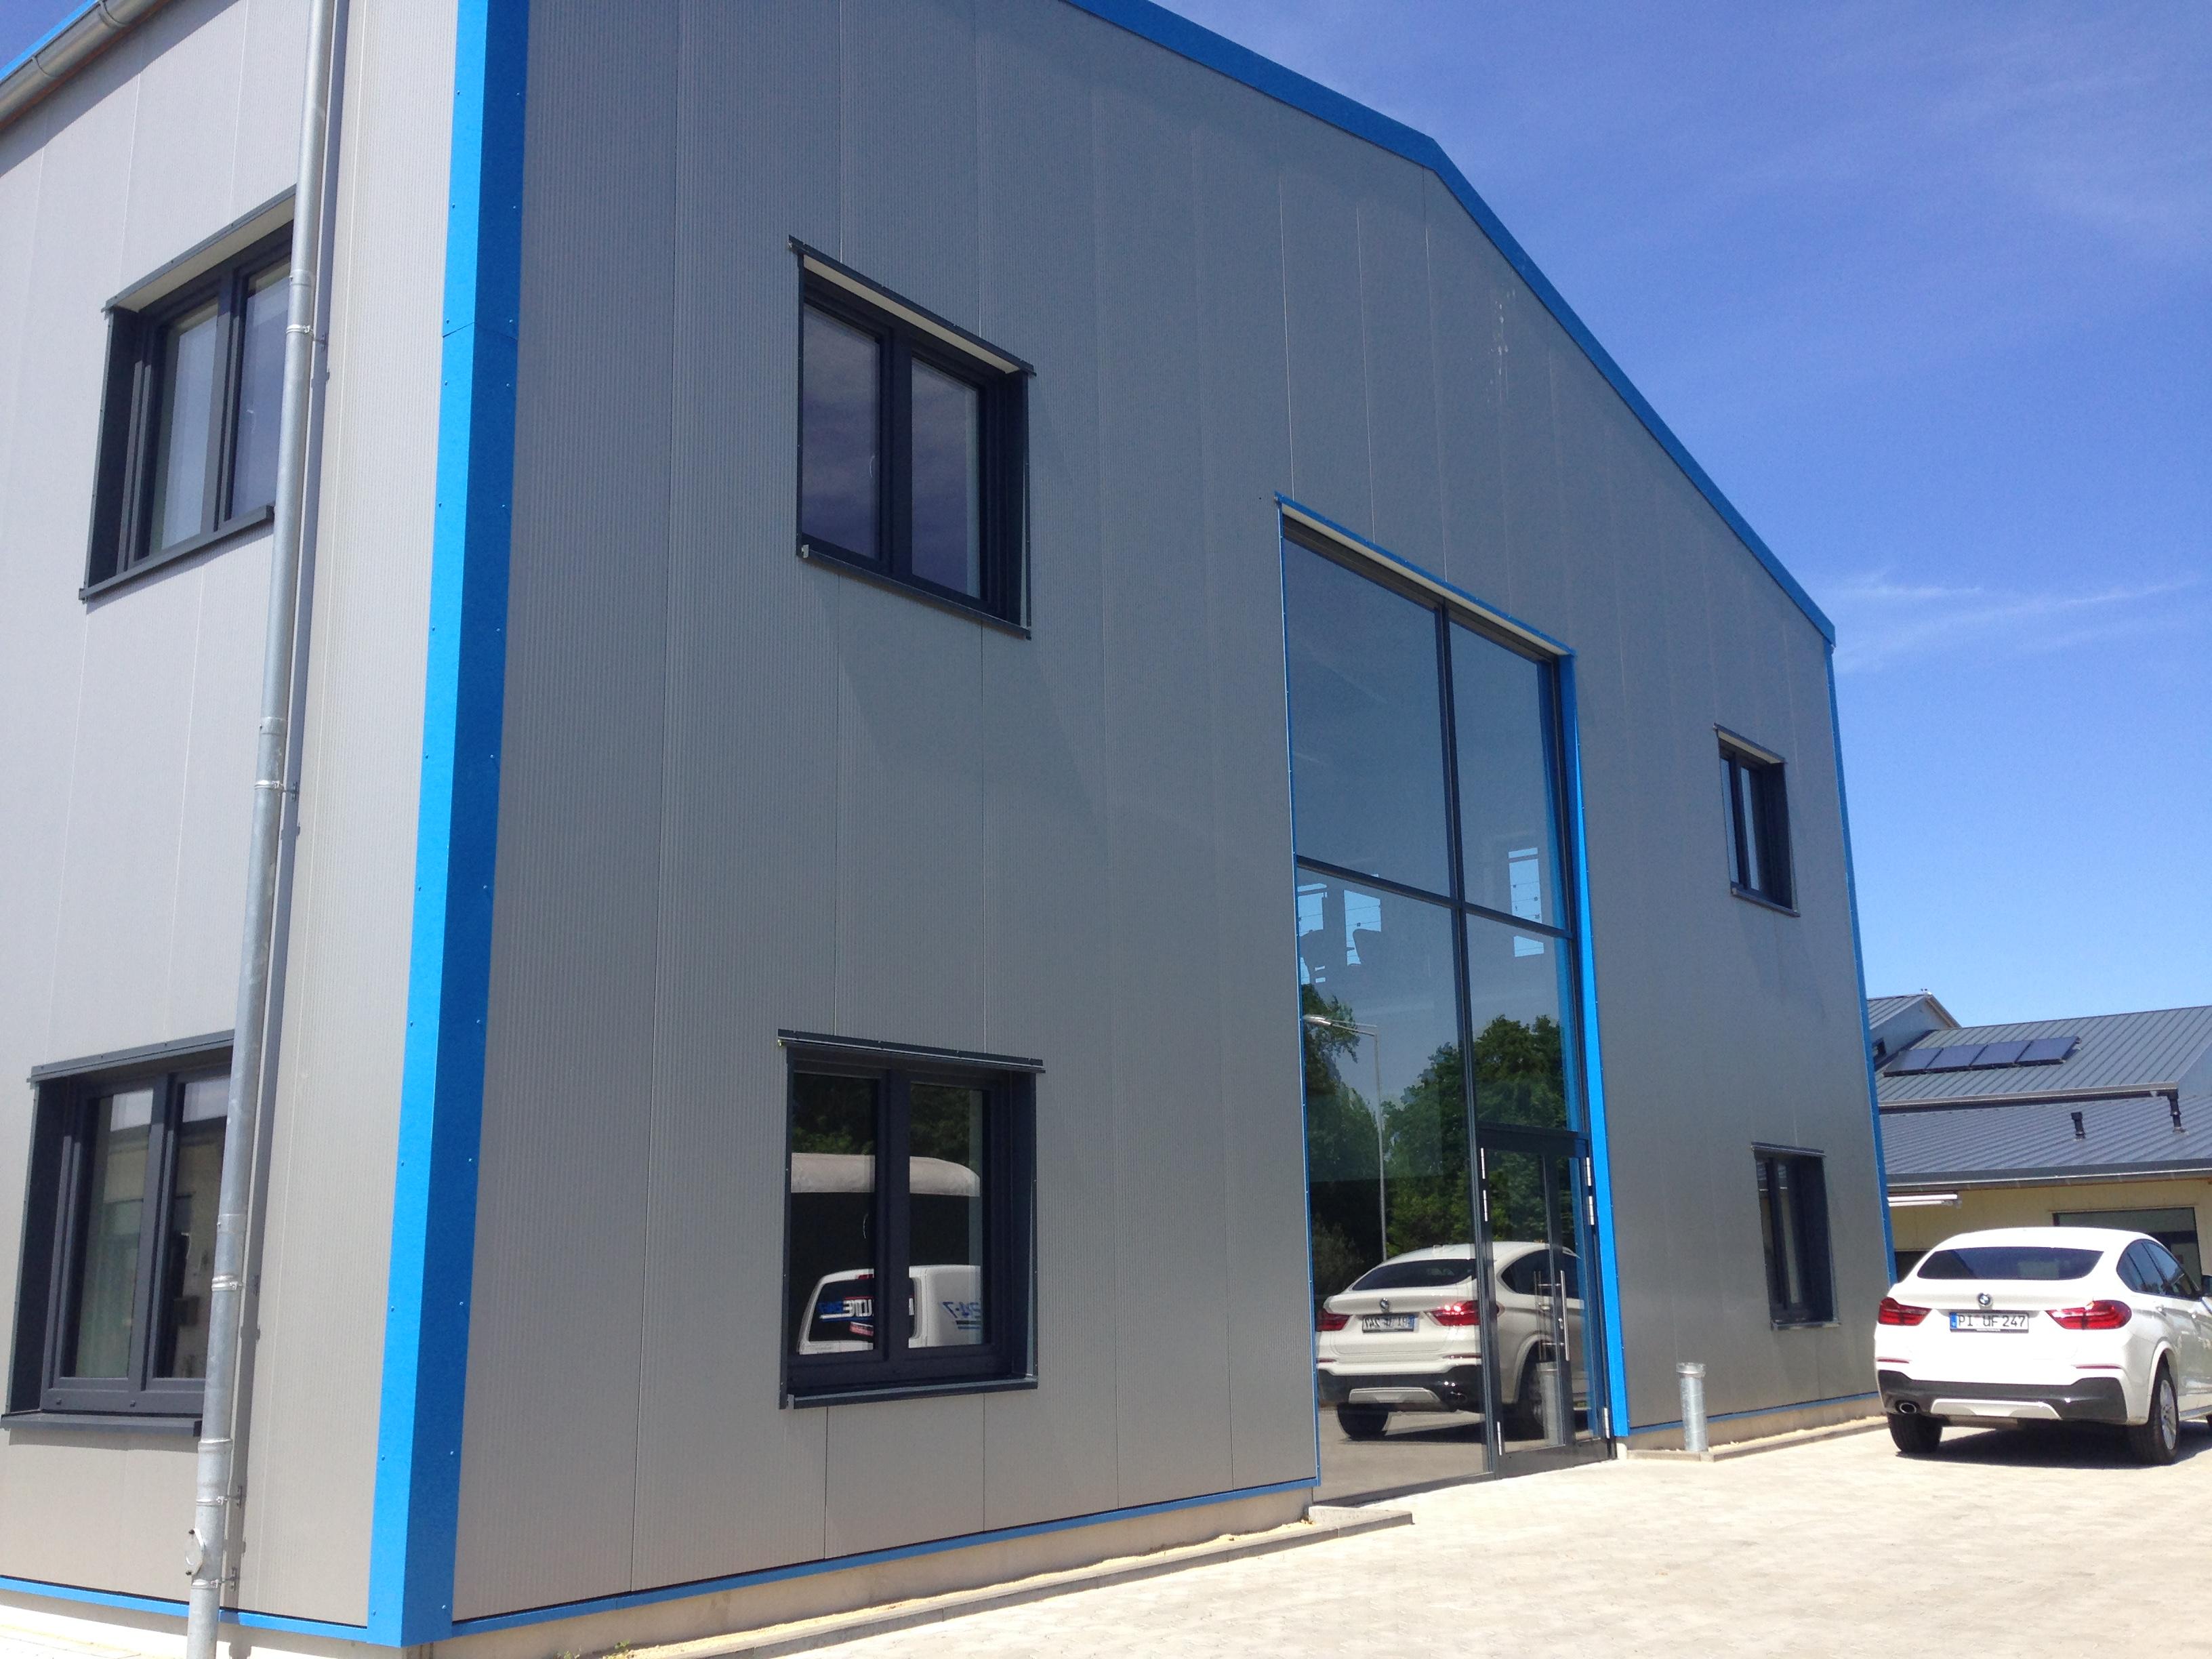 Eröffnungsfeier unserer neuen Betriebsstätte!